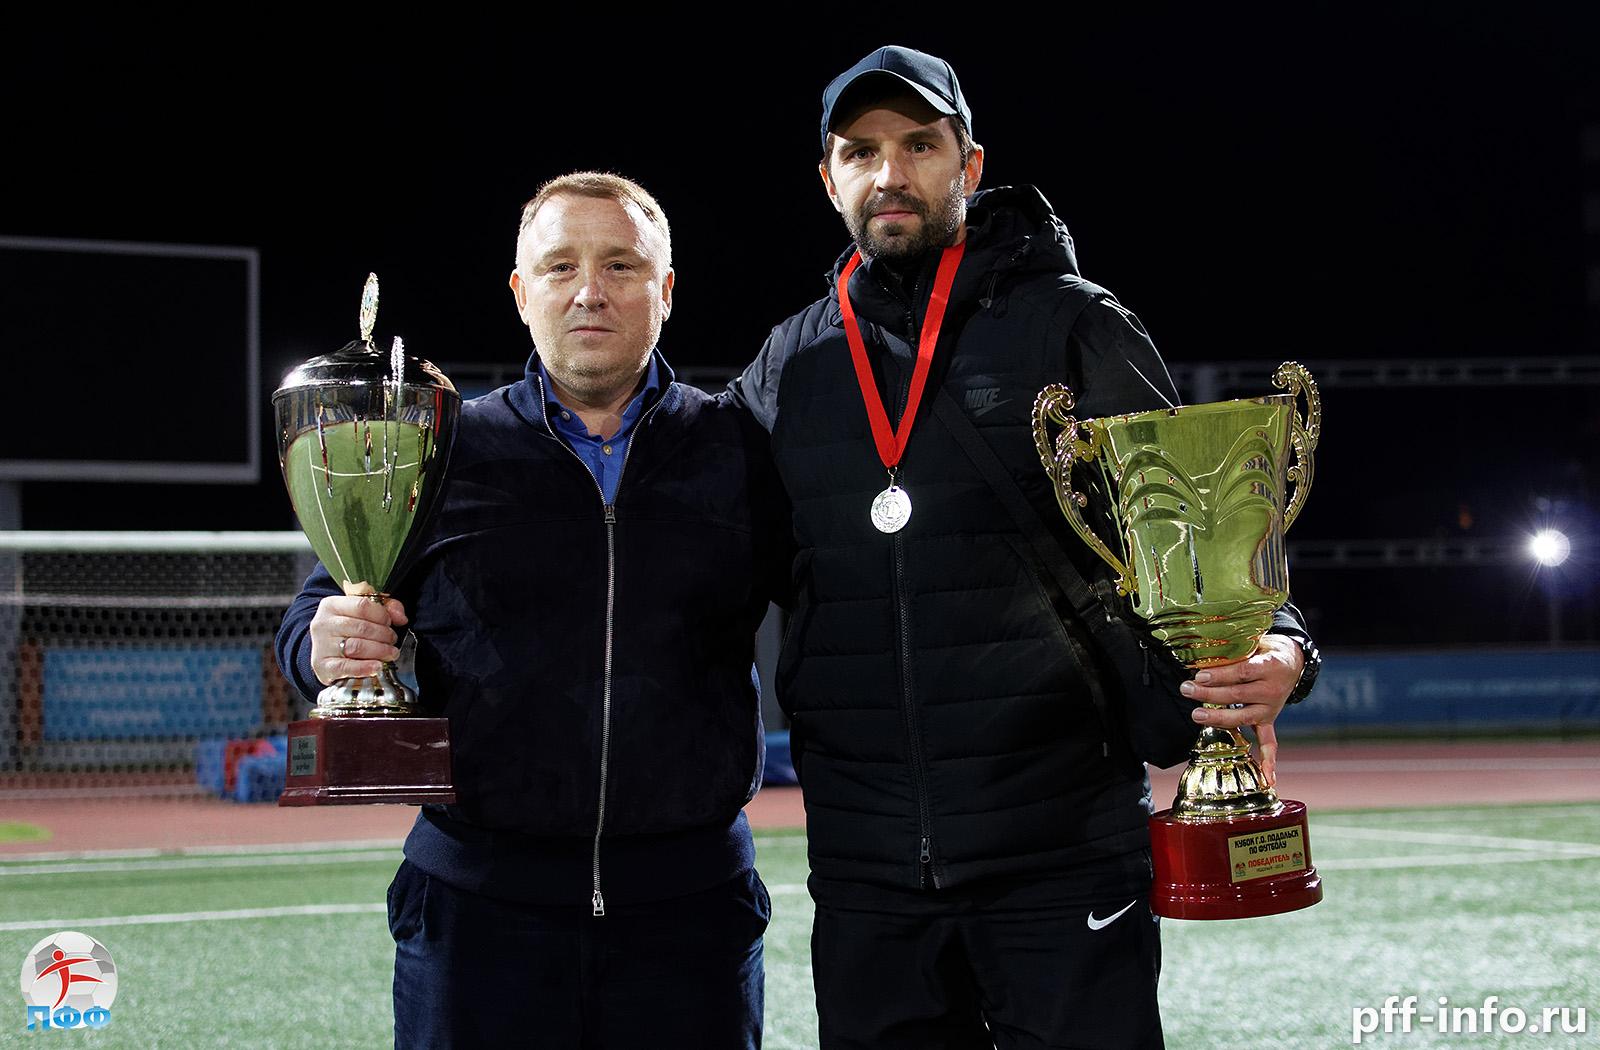 Павел Истрашкин: «В 2019 году «Десна» постарается вернуть себе чемпионство»